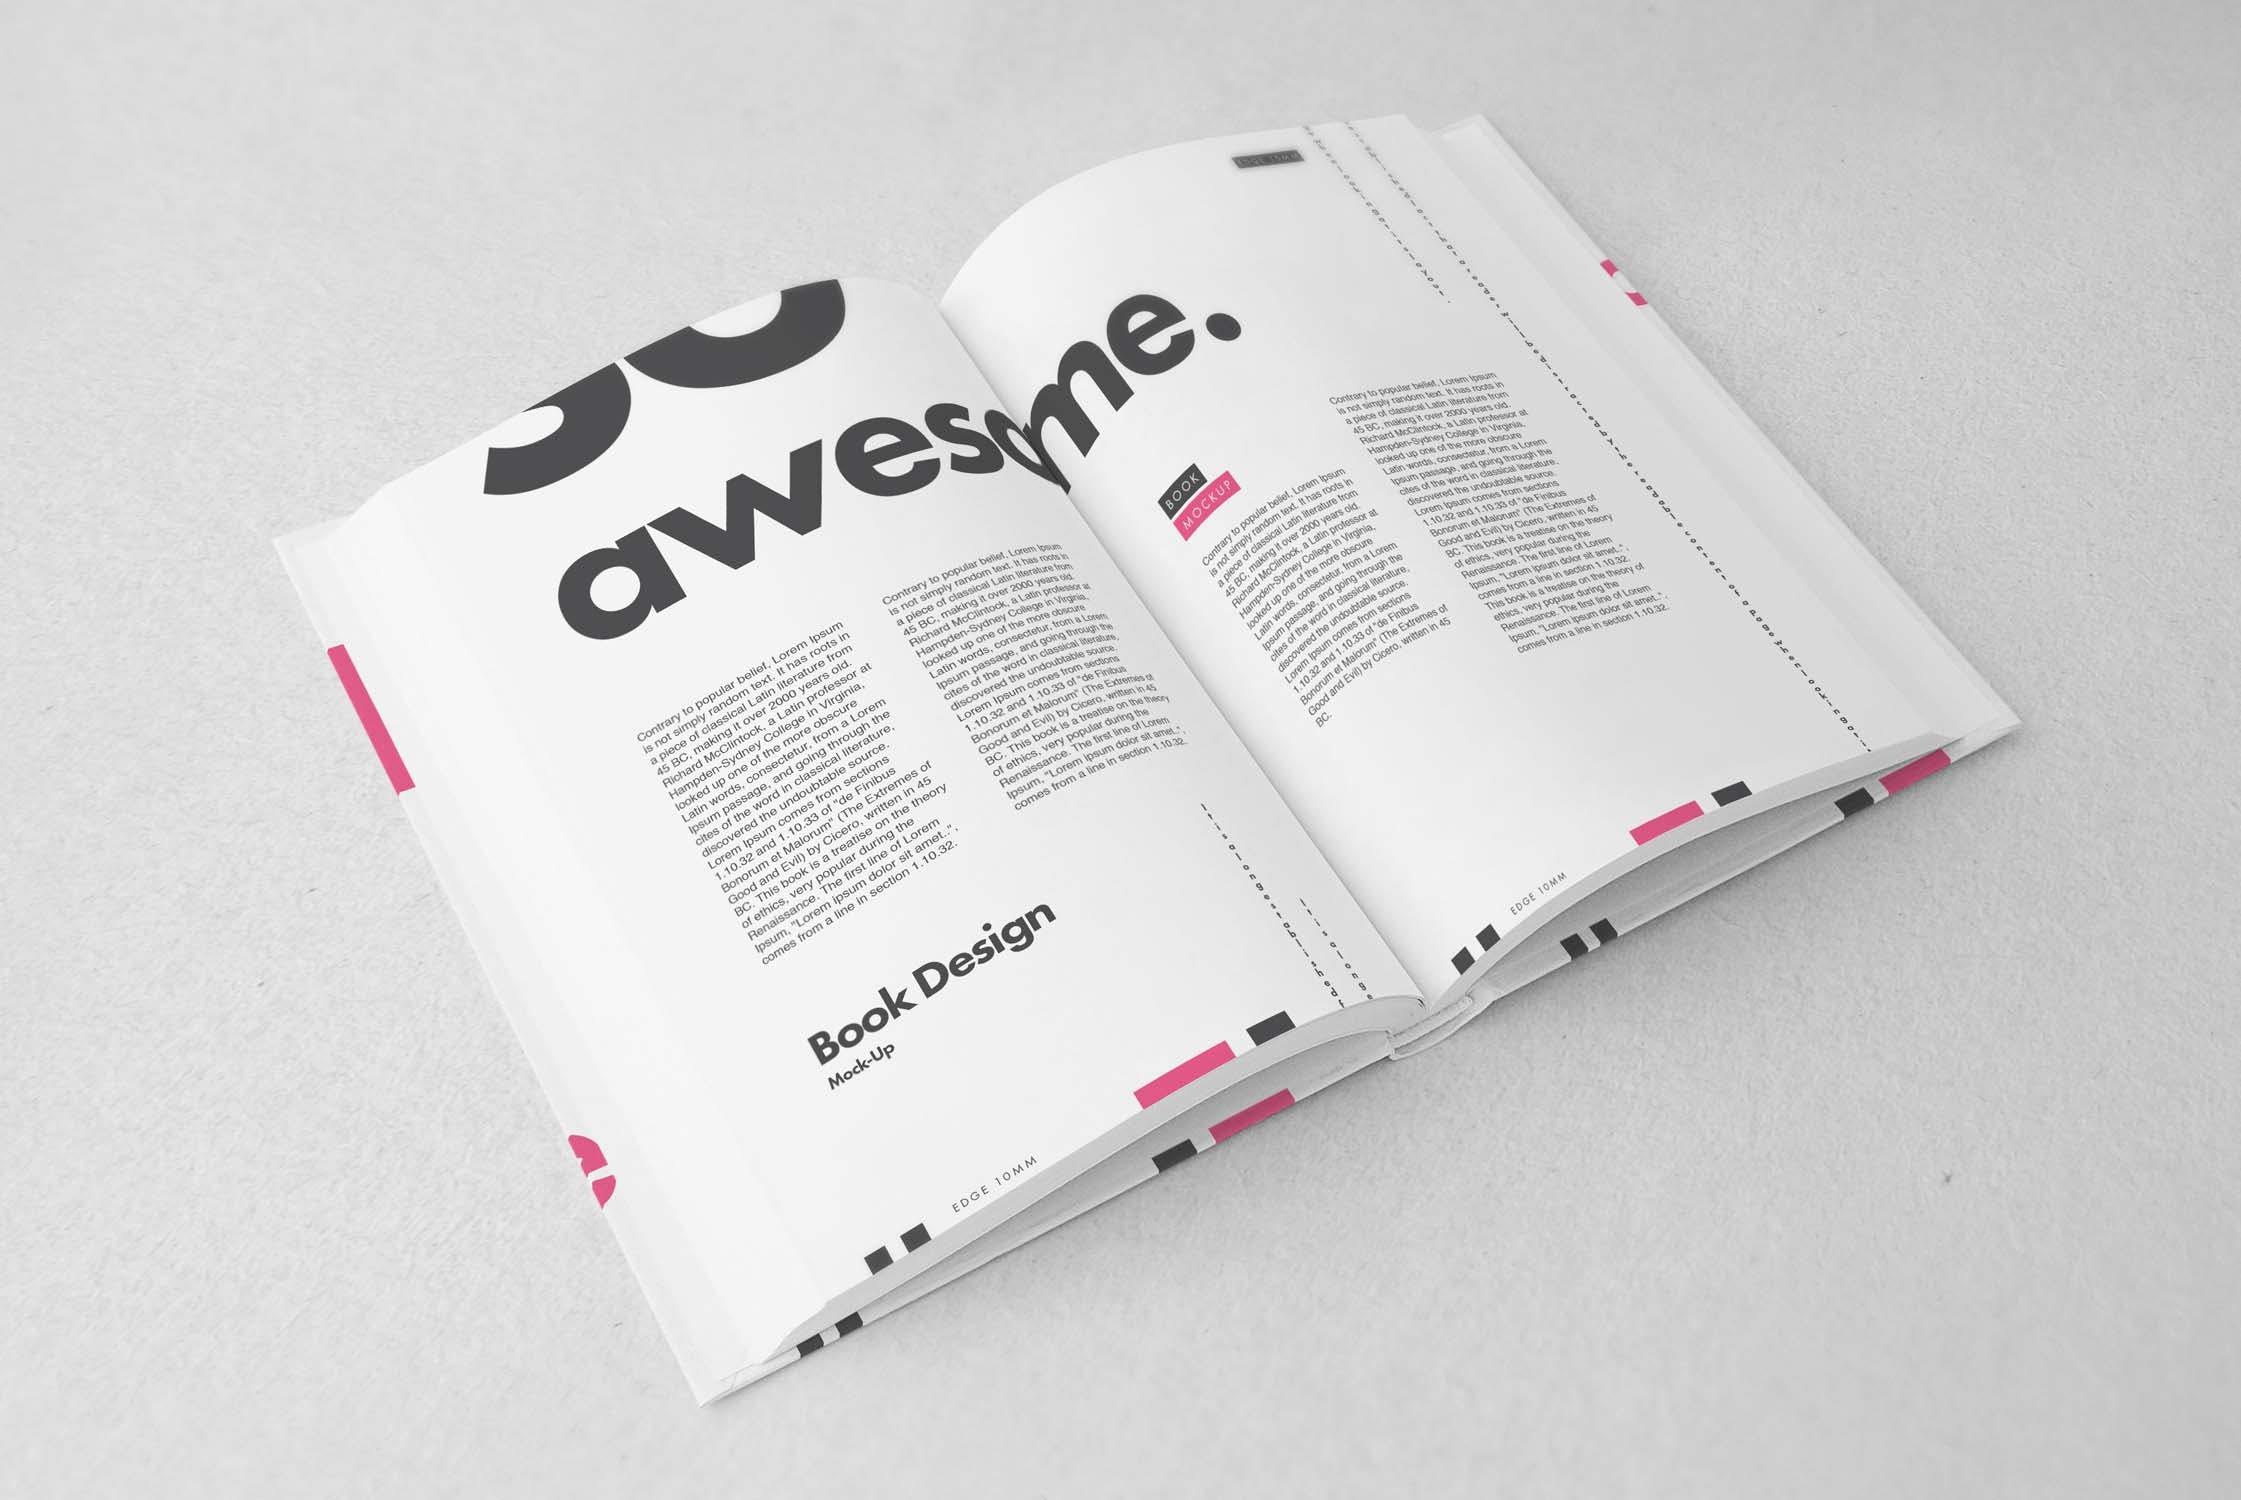 逼真精装书画册设计展示样机PSD模板素材 Book Mockup插图(5)